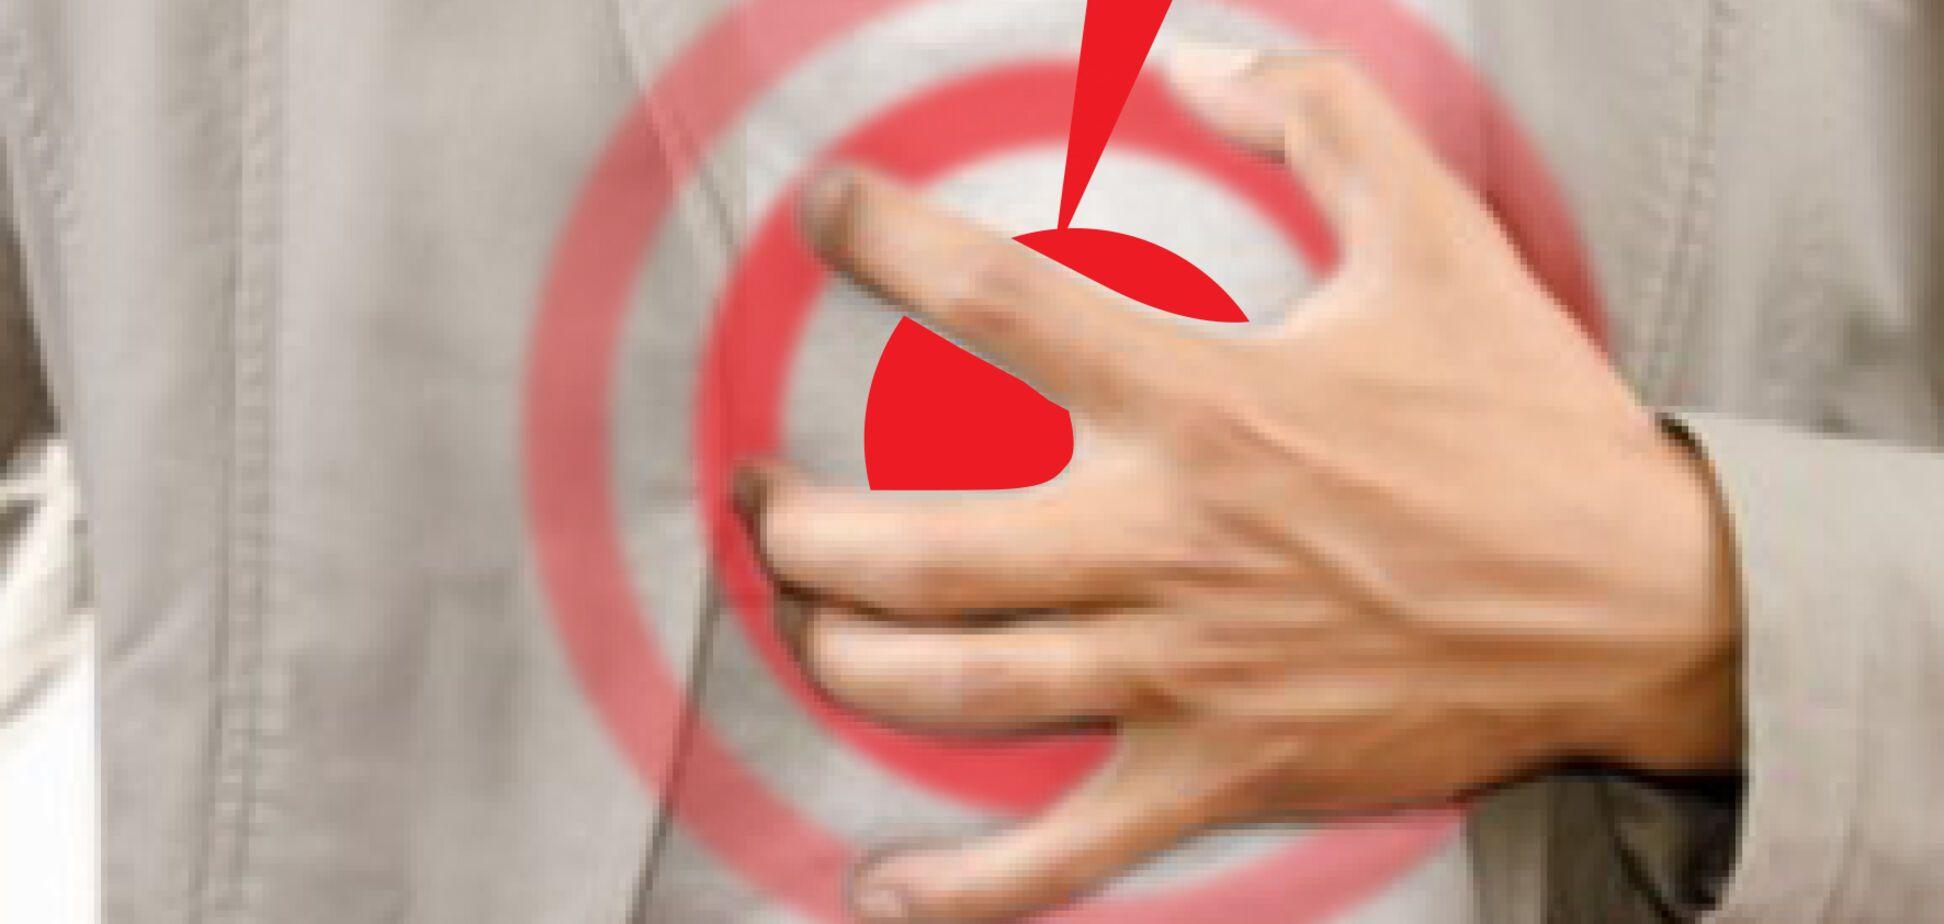 Ишемическая болезнь сердца: предупрежден – значит вооружен